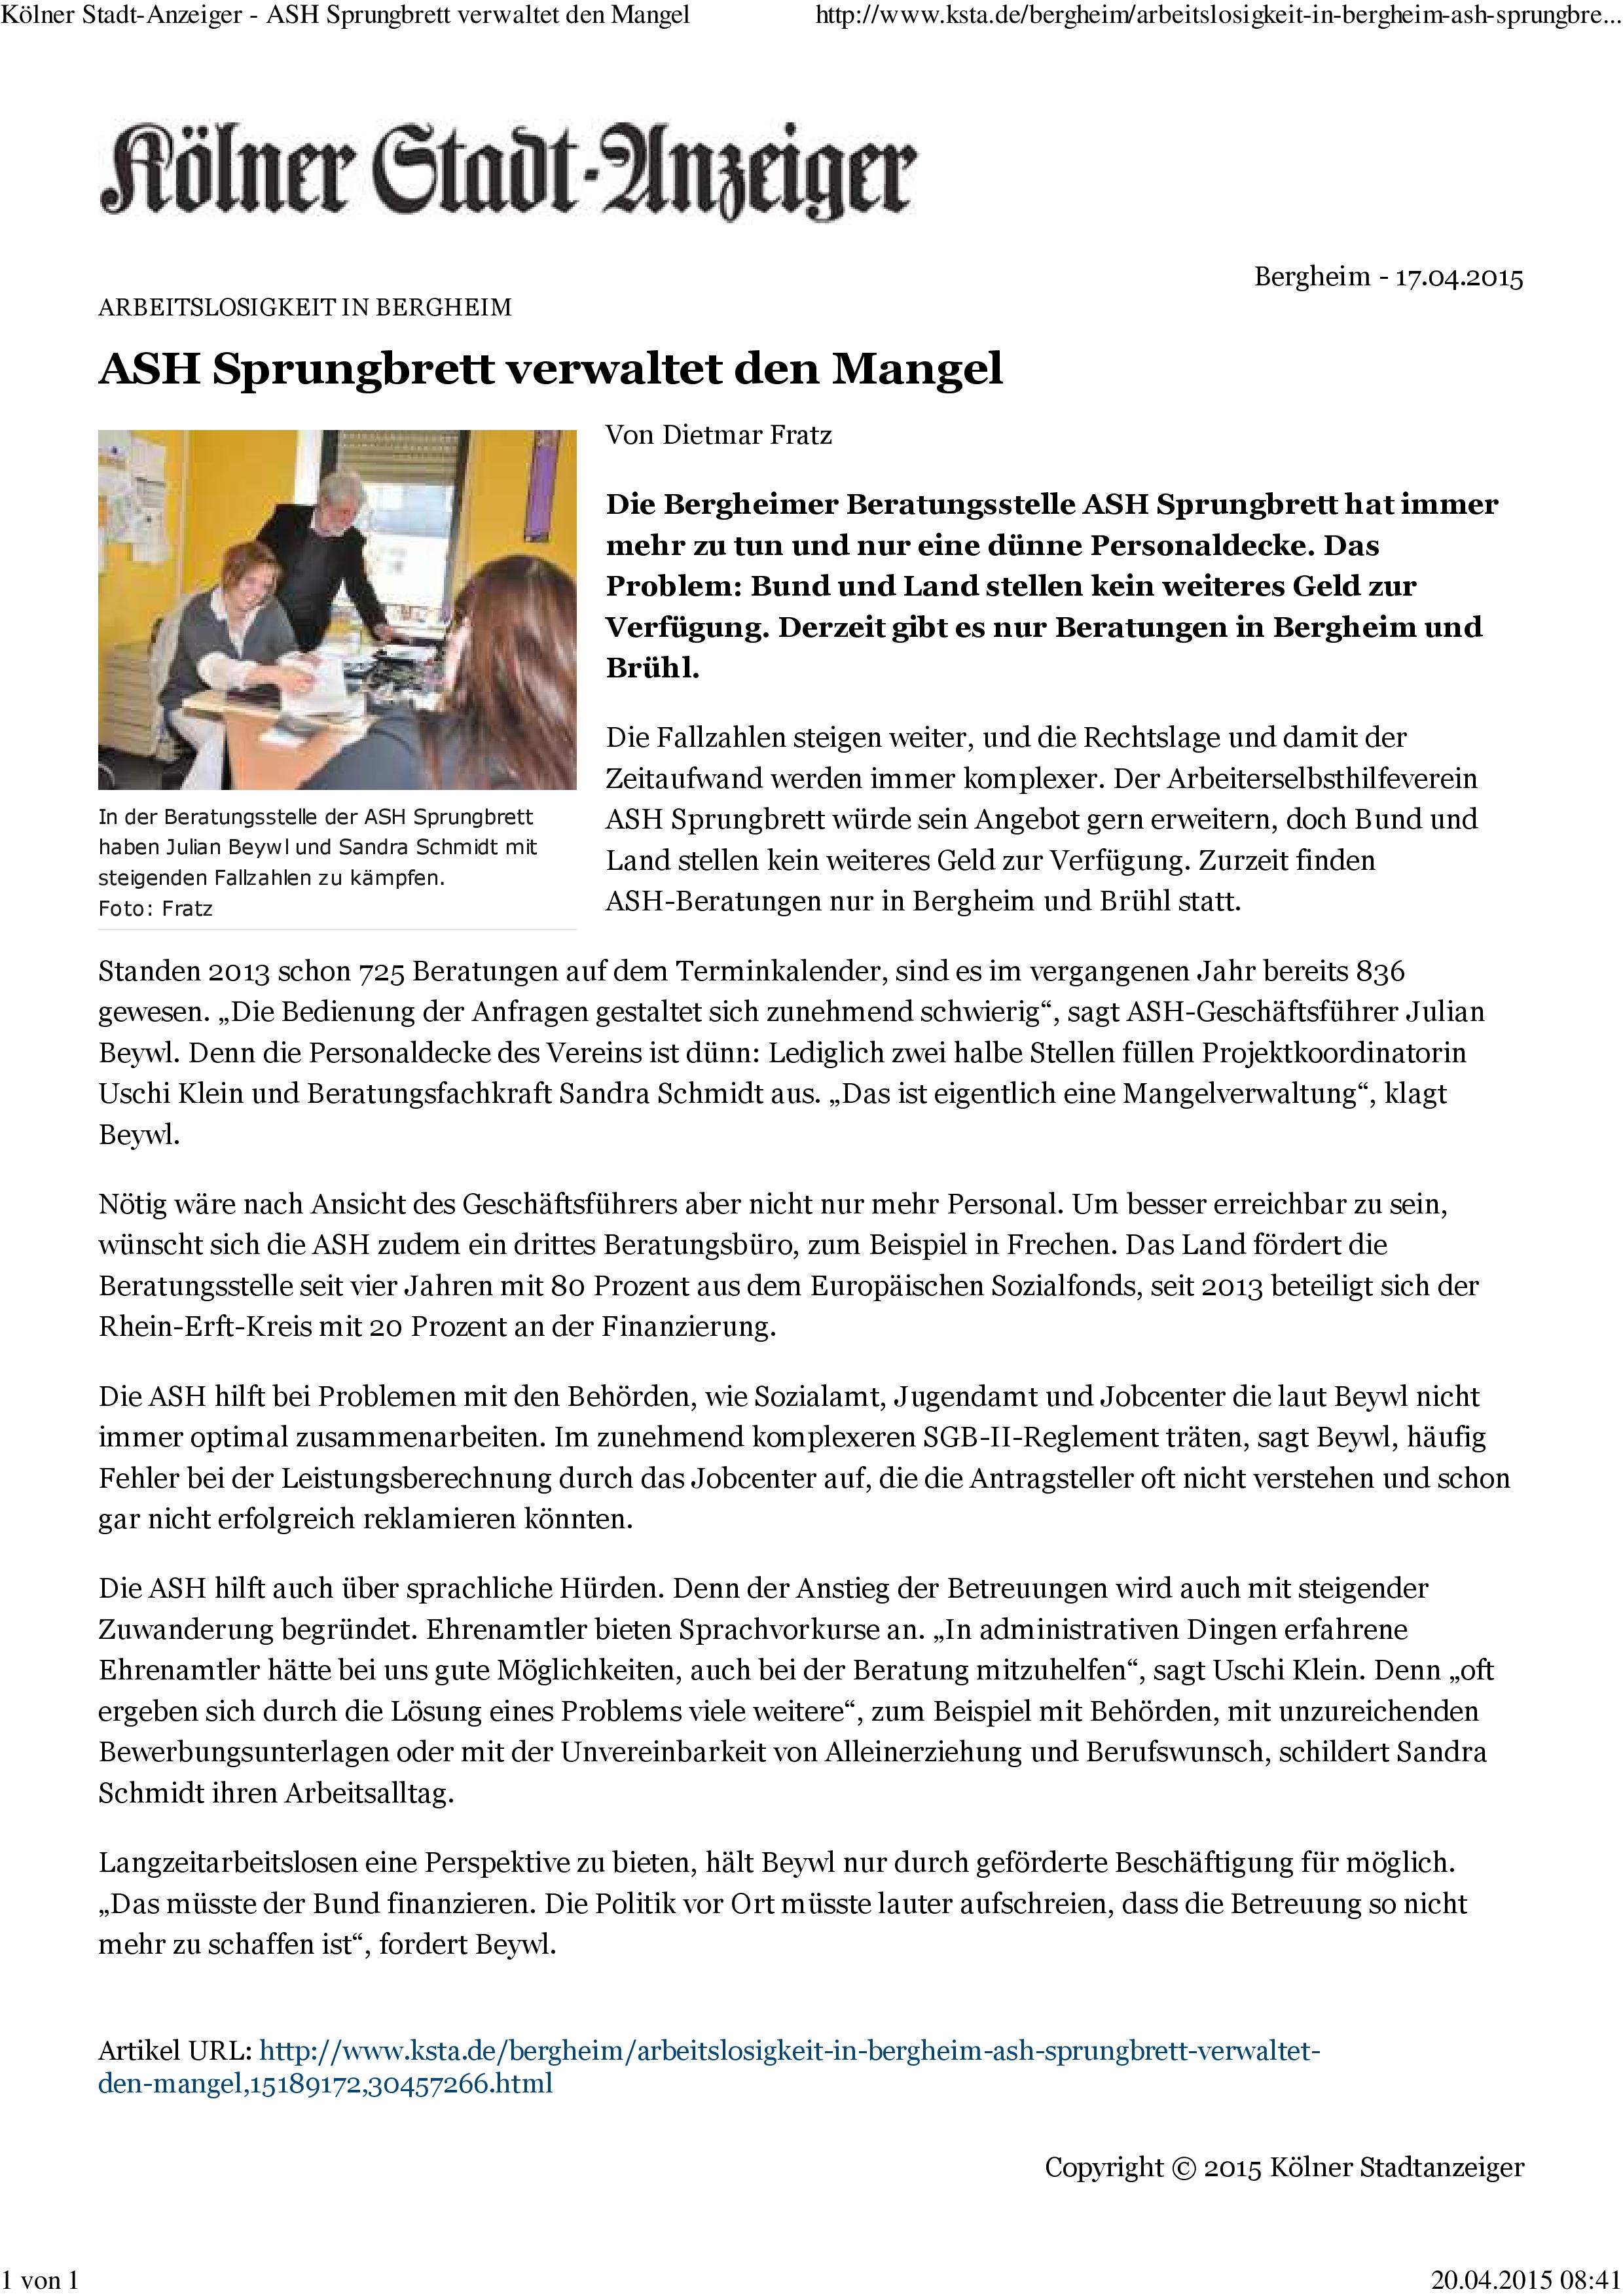 Kölner Stadt-Anzeiger- ASH Sprungbrett verwaltet den Mangel-001